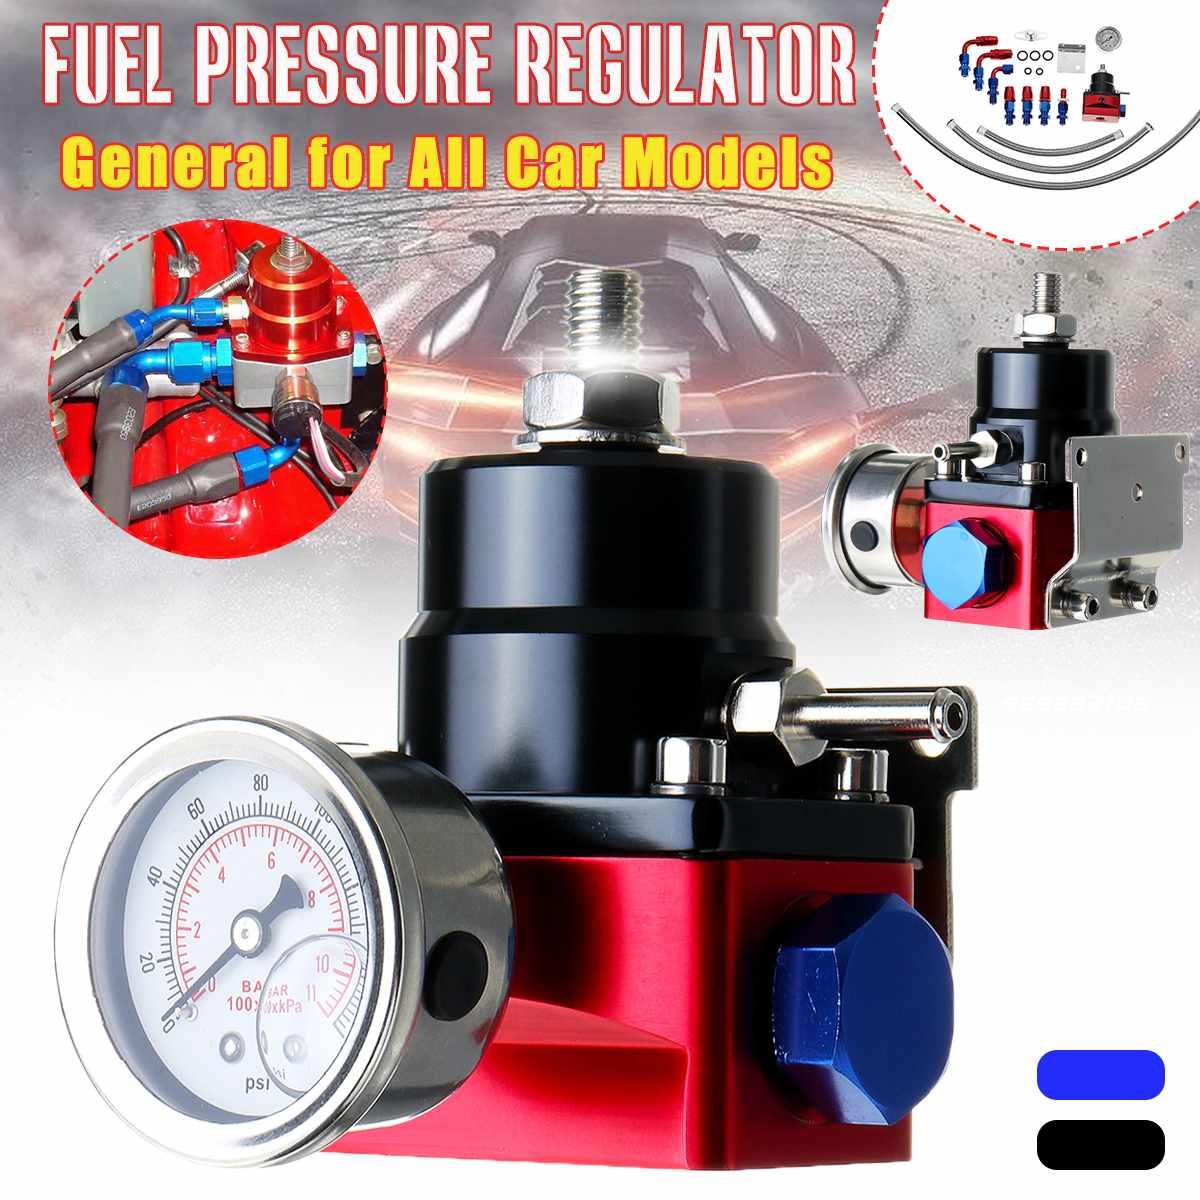 Universel voiture véhicule régulateur de pression de carburant FPR Kit 6AN AN6 tuyau raccords huile 0-100psi jauge noir rouge